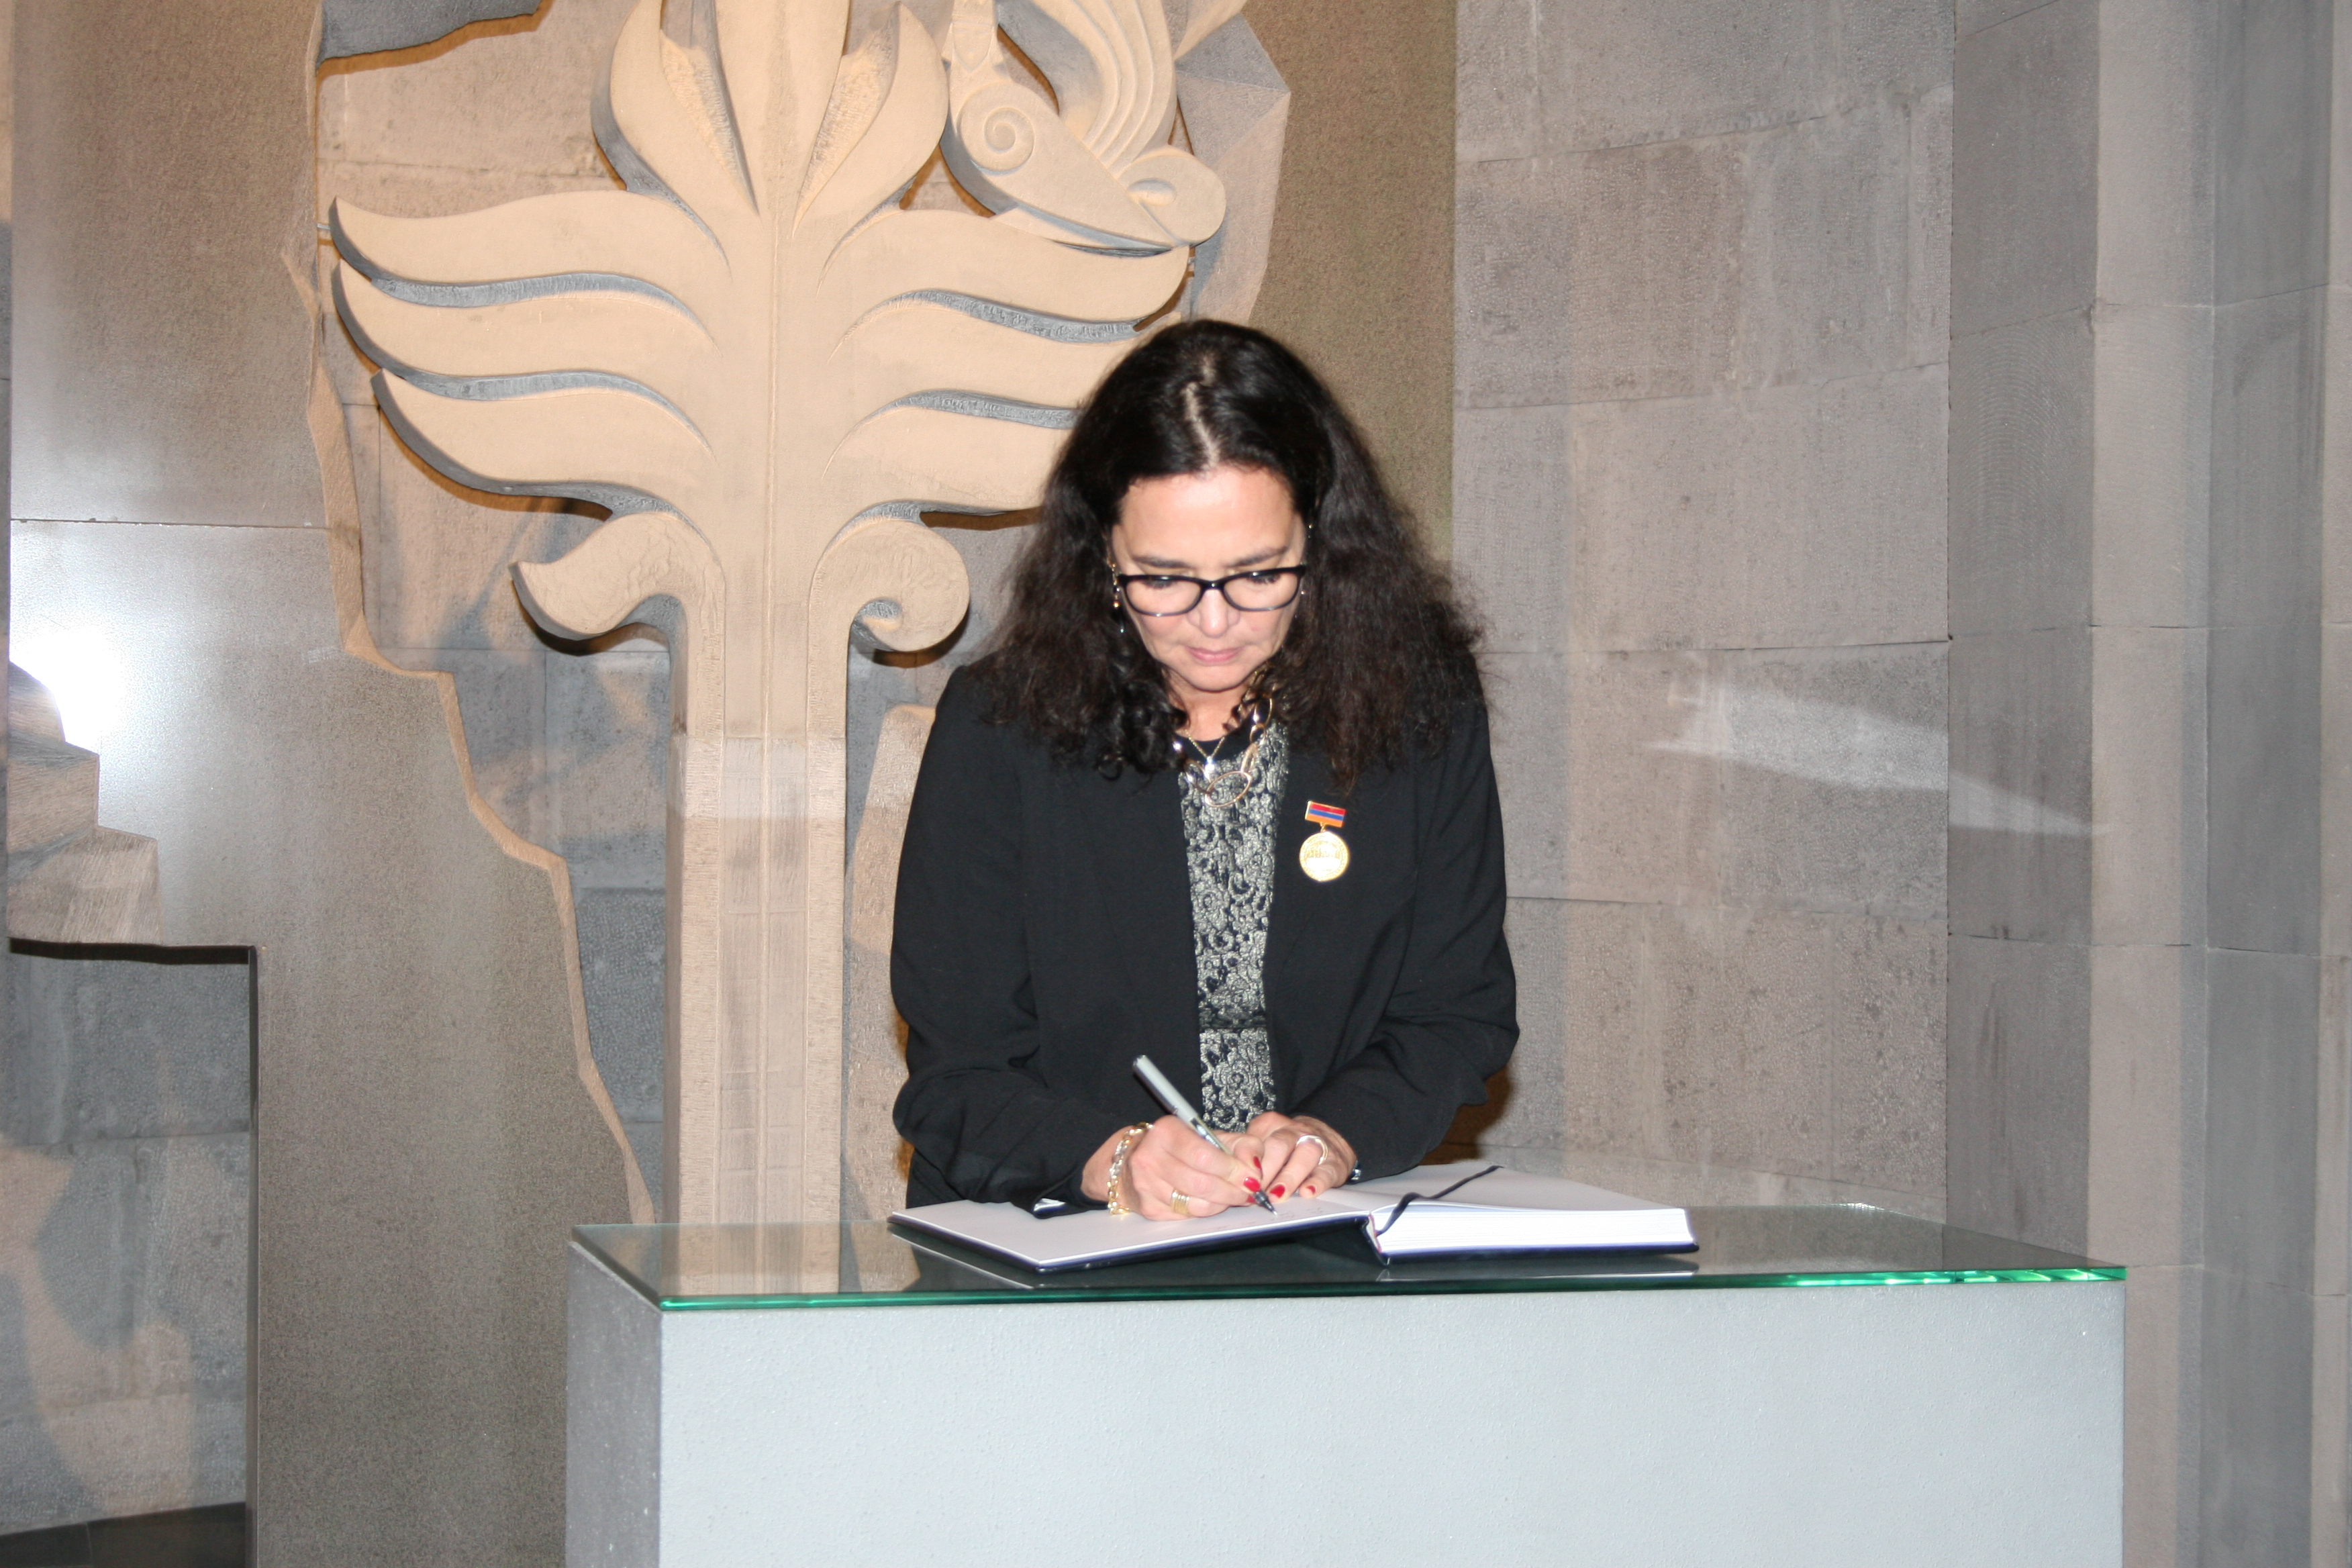 http://www.genocide-museum.am/eng/news-img/01.11.2016-belsenat-0.JPG